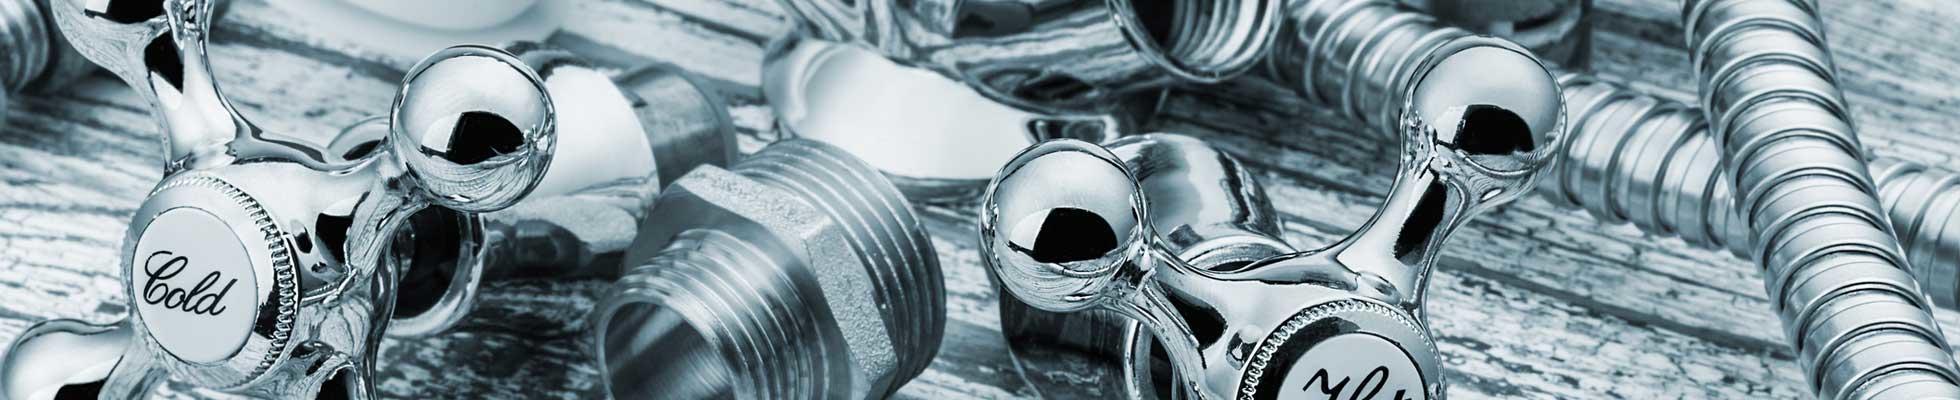 Kooline Plumbing LLc